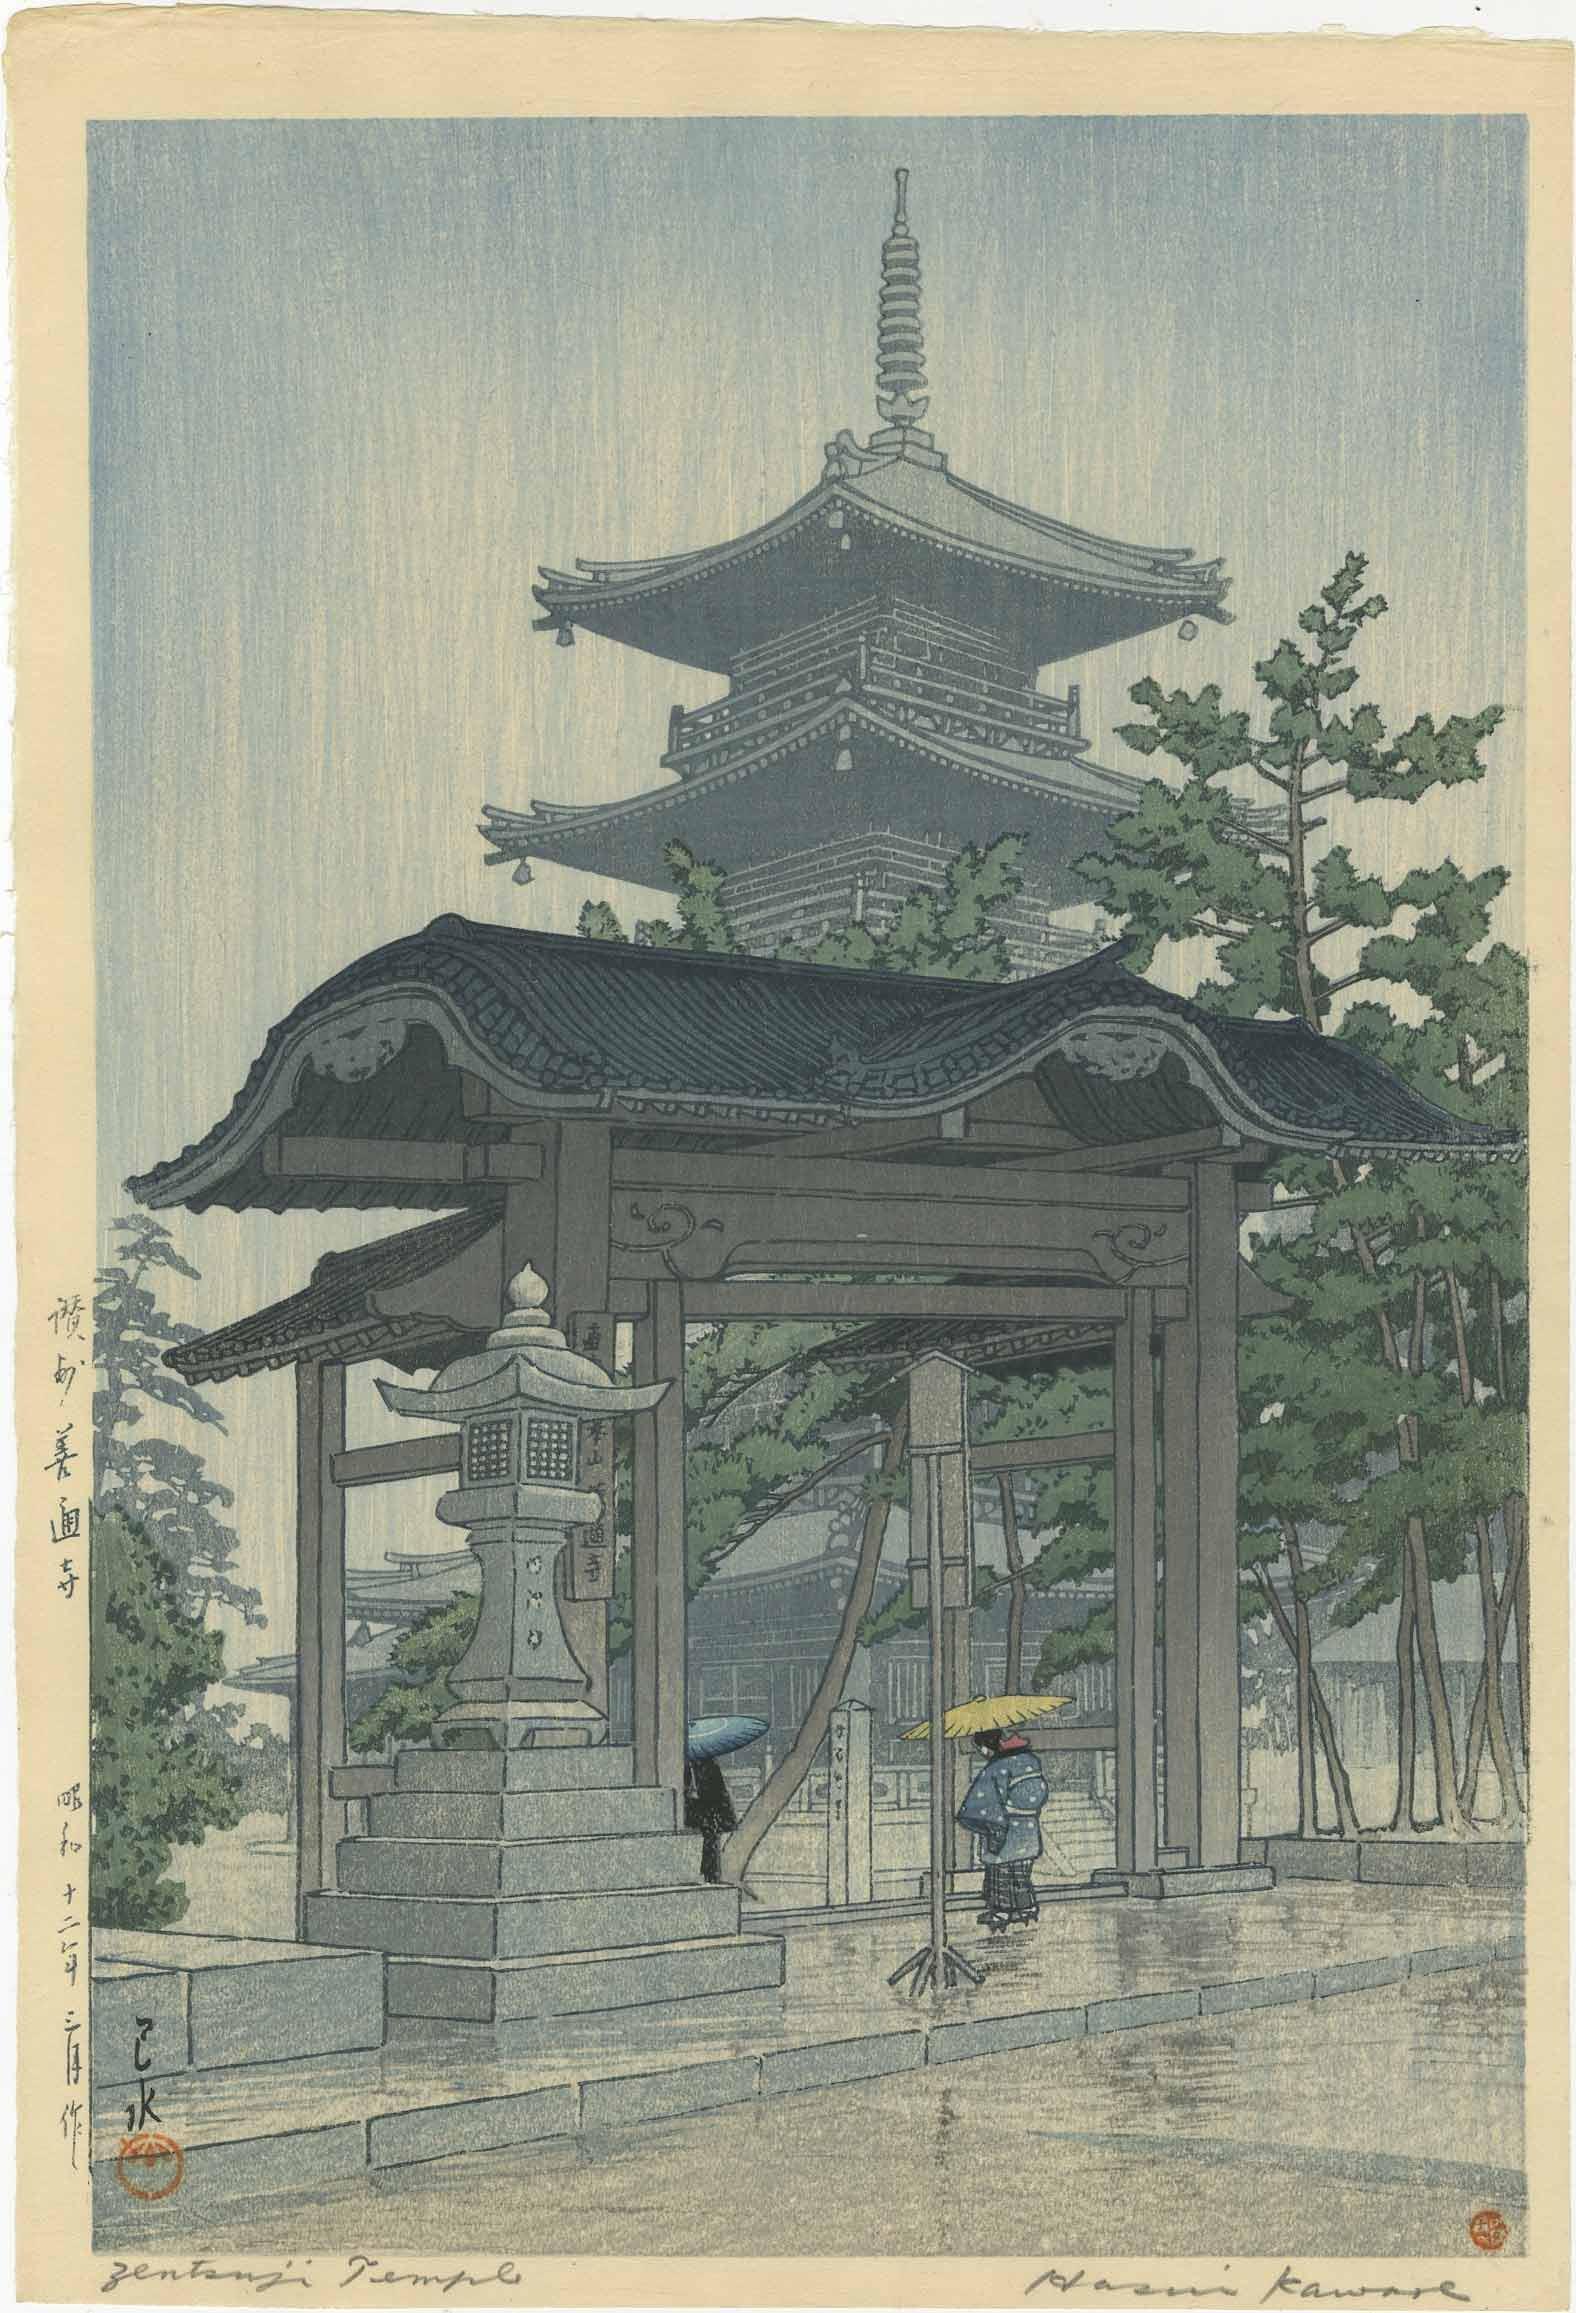 Hasui Kawase - Zentsuji Temple in Rain 6-mm seal 1937